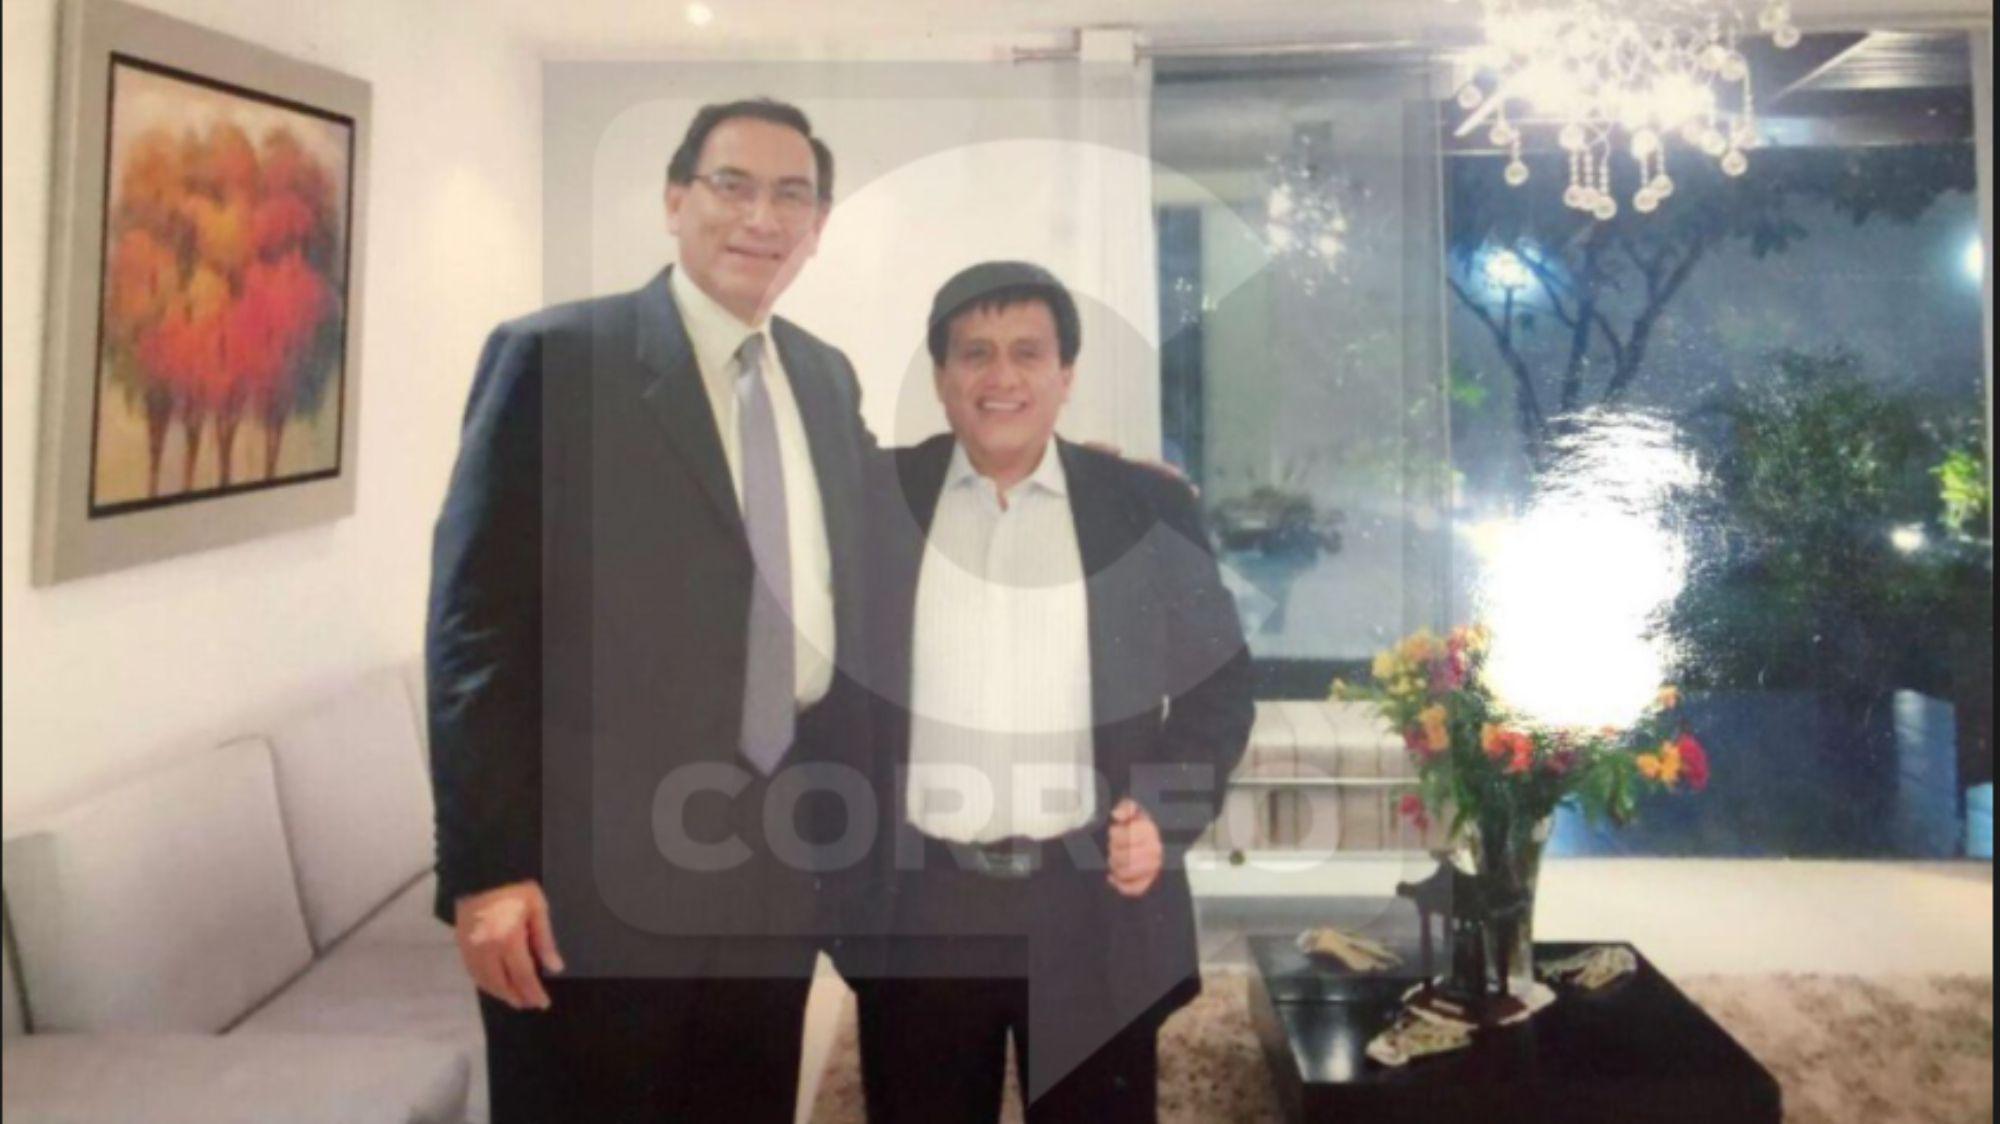 el-presidente-martin-vizcarra-si-se-reunio-con-antonio-camayo